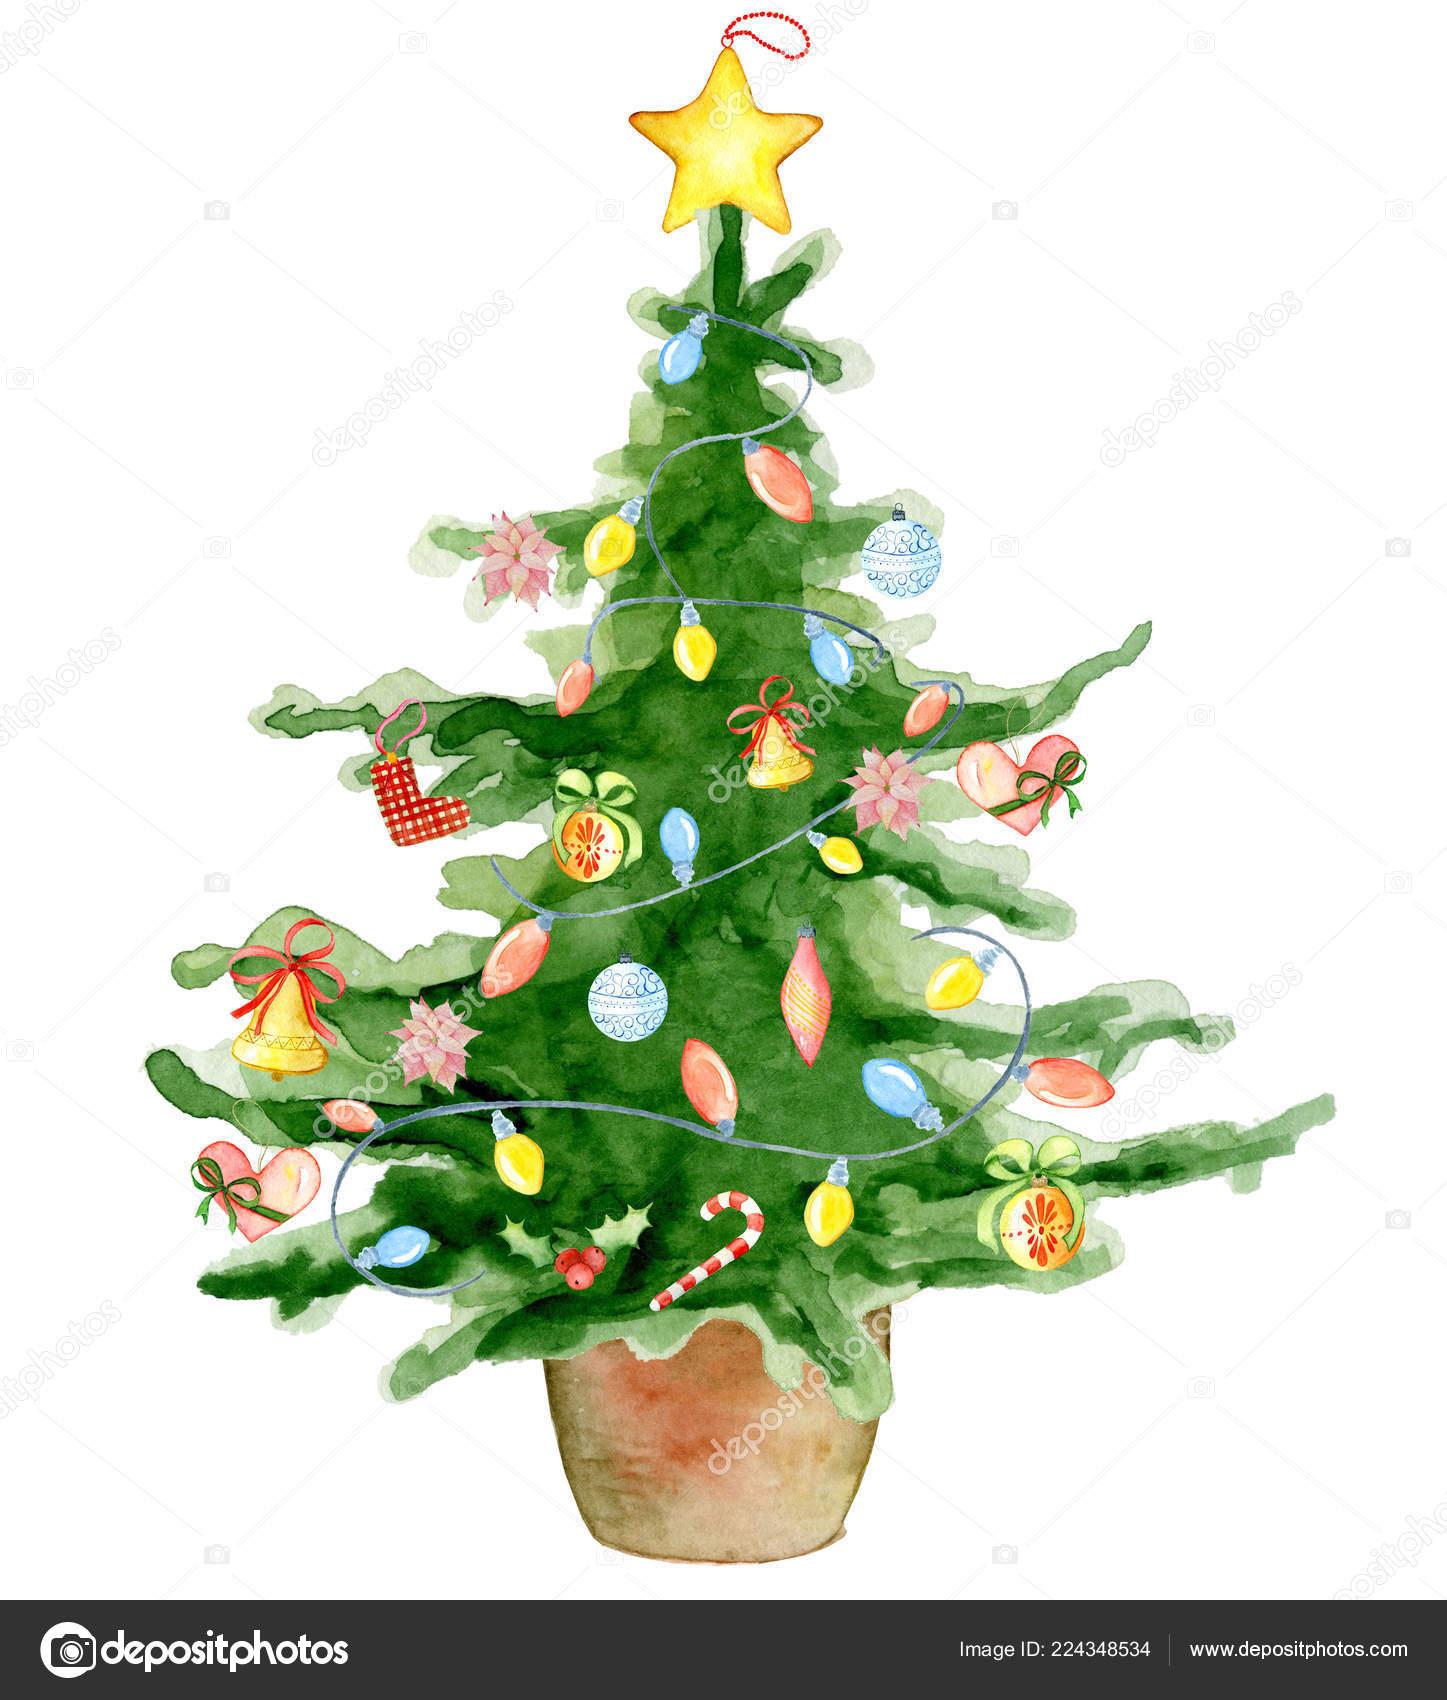 Frohe weihnachten aquarell baum happy new year karte - Aquarell weihnachten ...